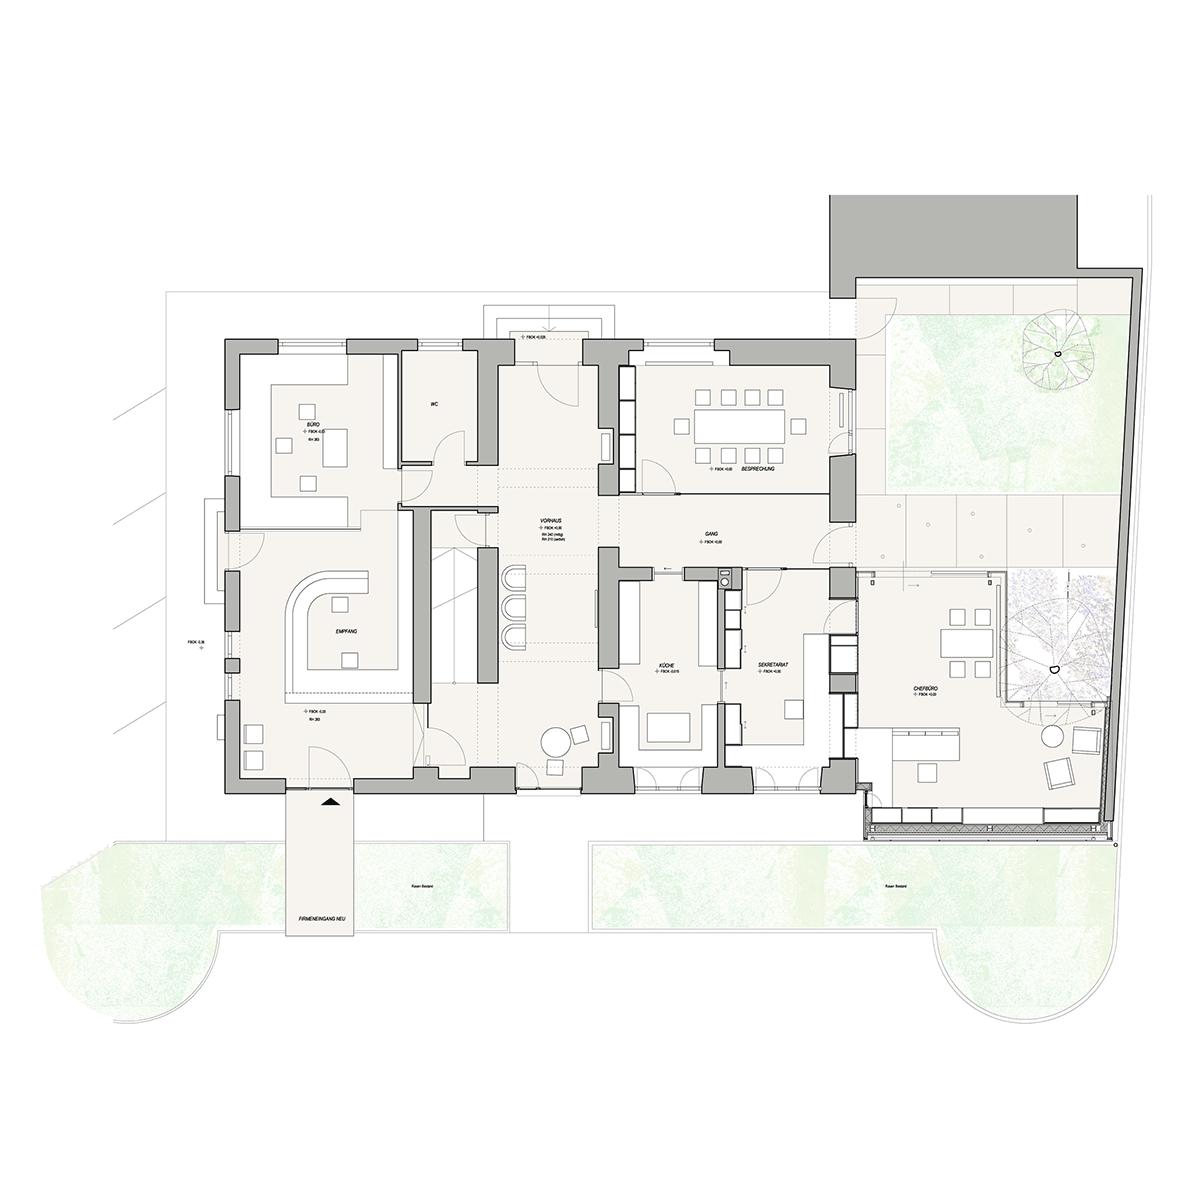 sanierung, bauen im bestand, lobmaier, architekt, büro, umbau, gruber, gaspoltshofen